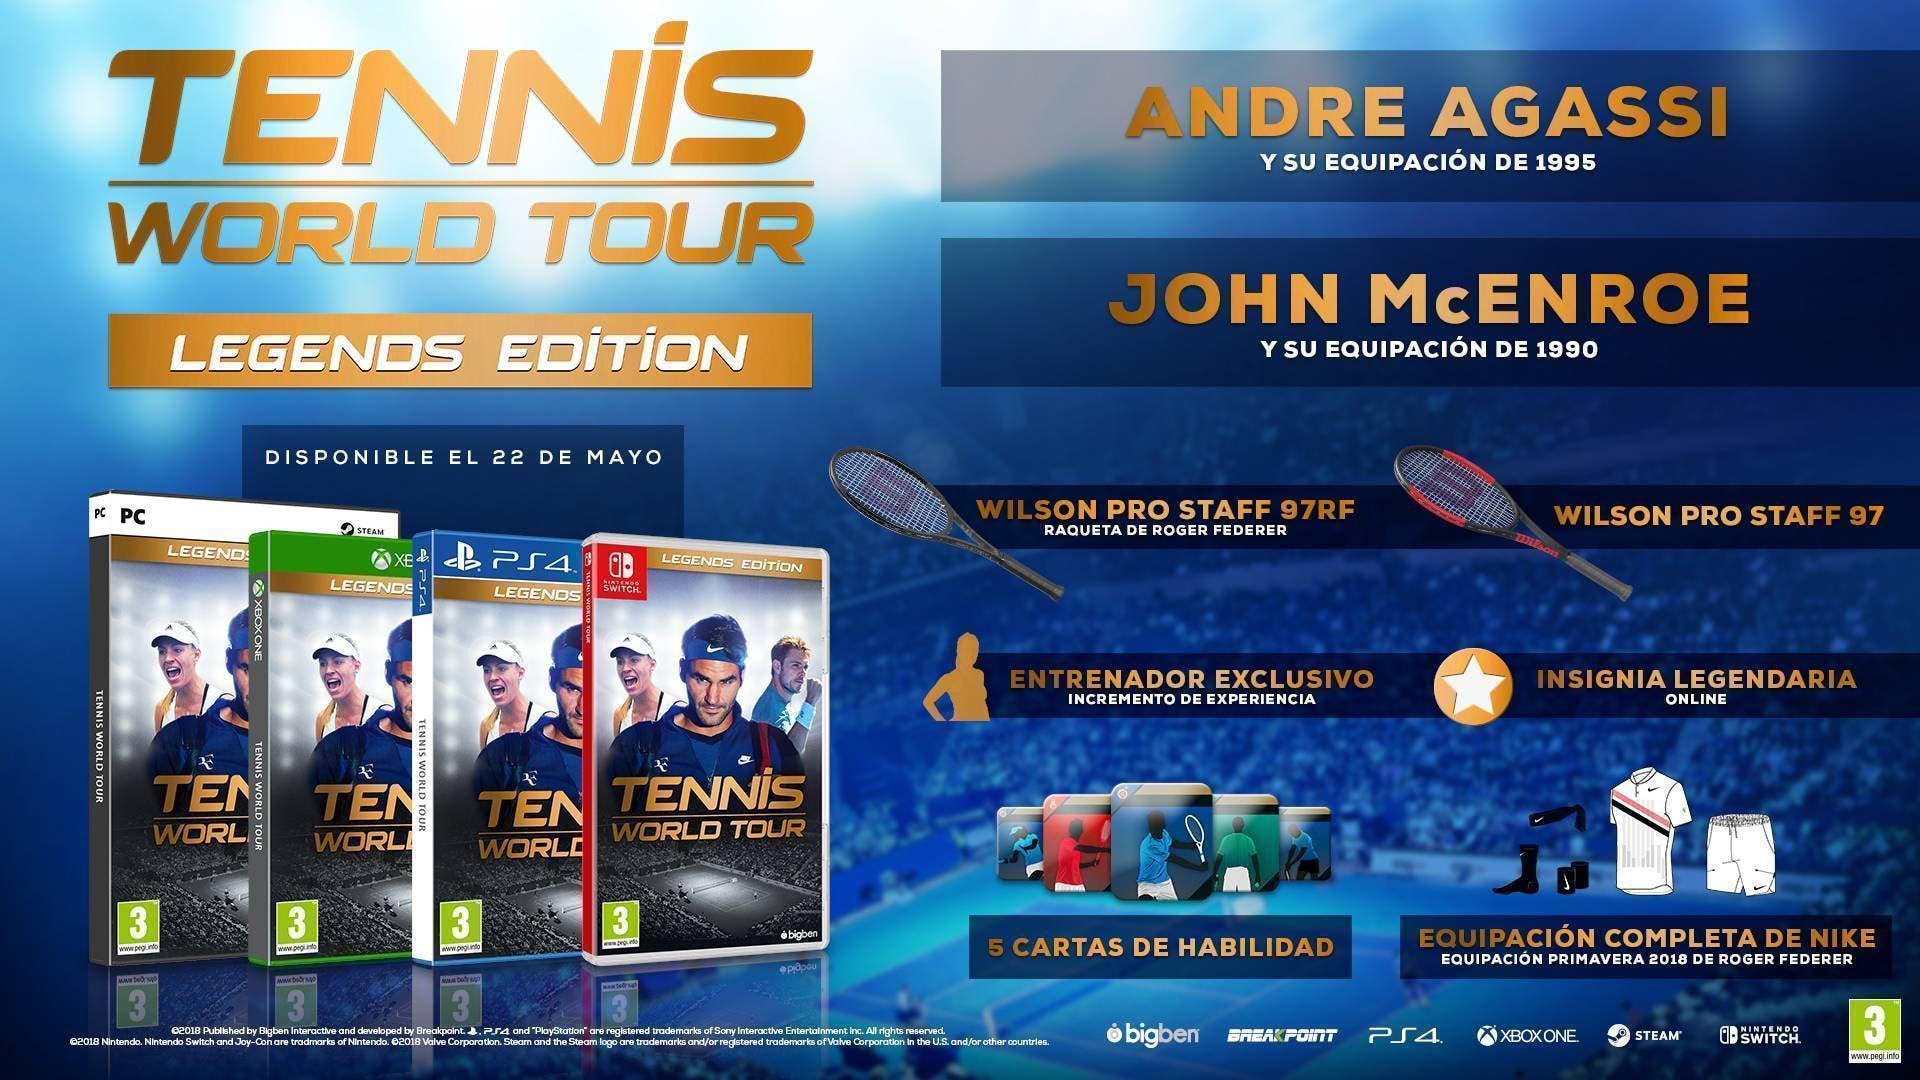 Tennis World Tour revela su edición Legendaria 2